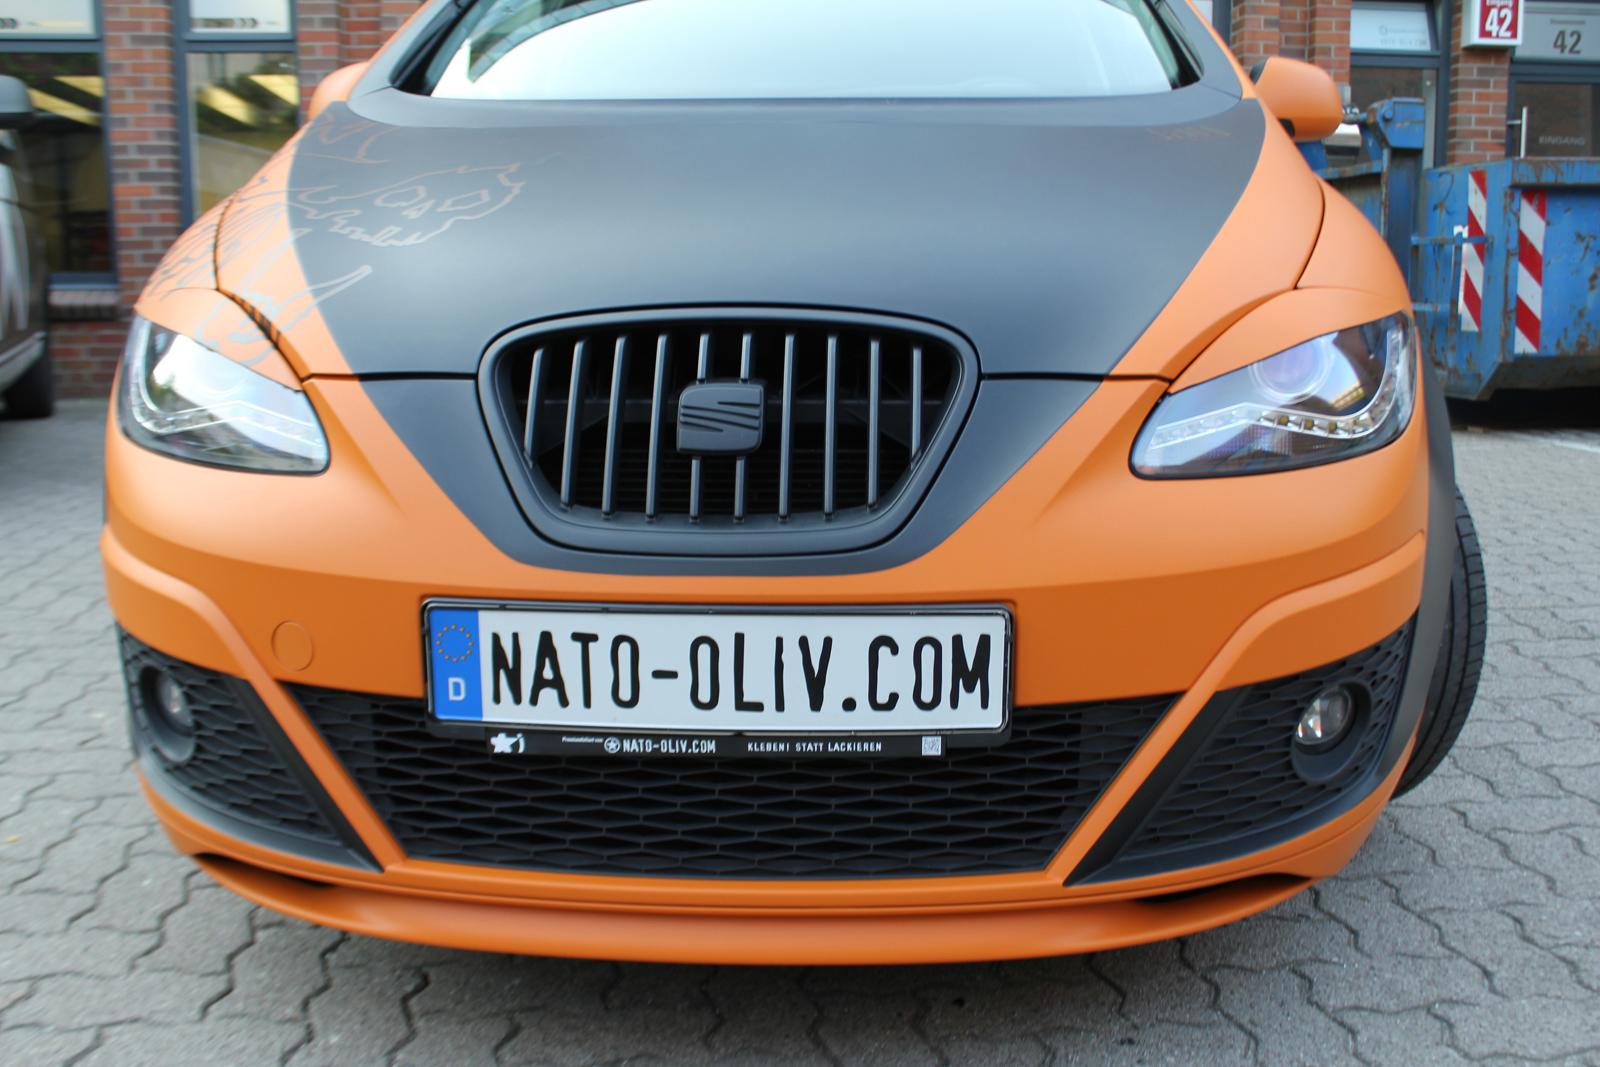 Frontalansicht des Seat Altea XL in orange matt und schwarz matt mit Folie beklebt